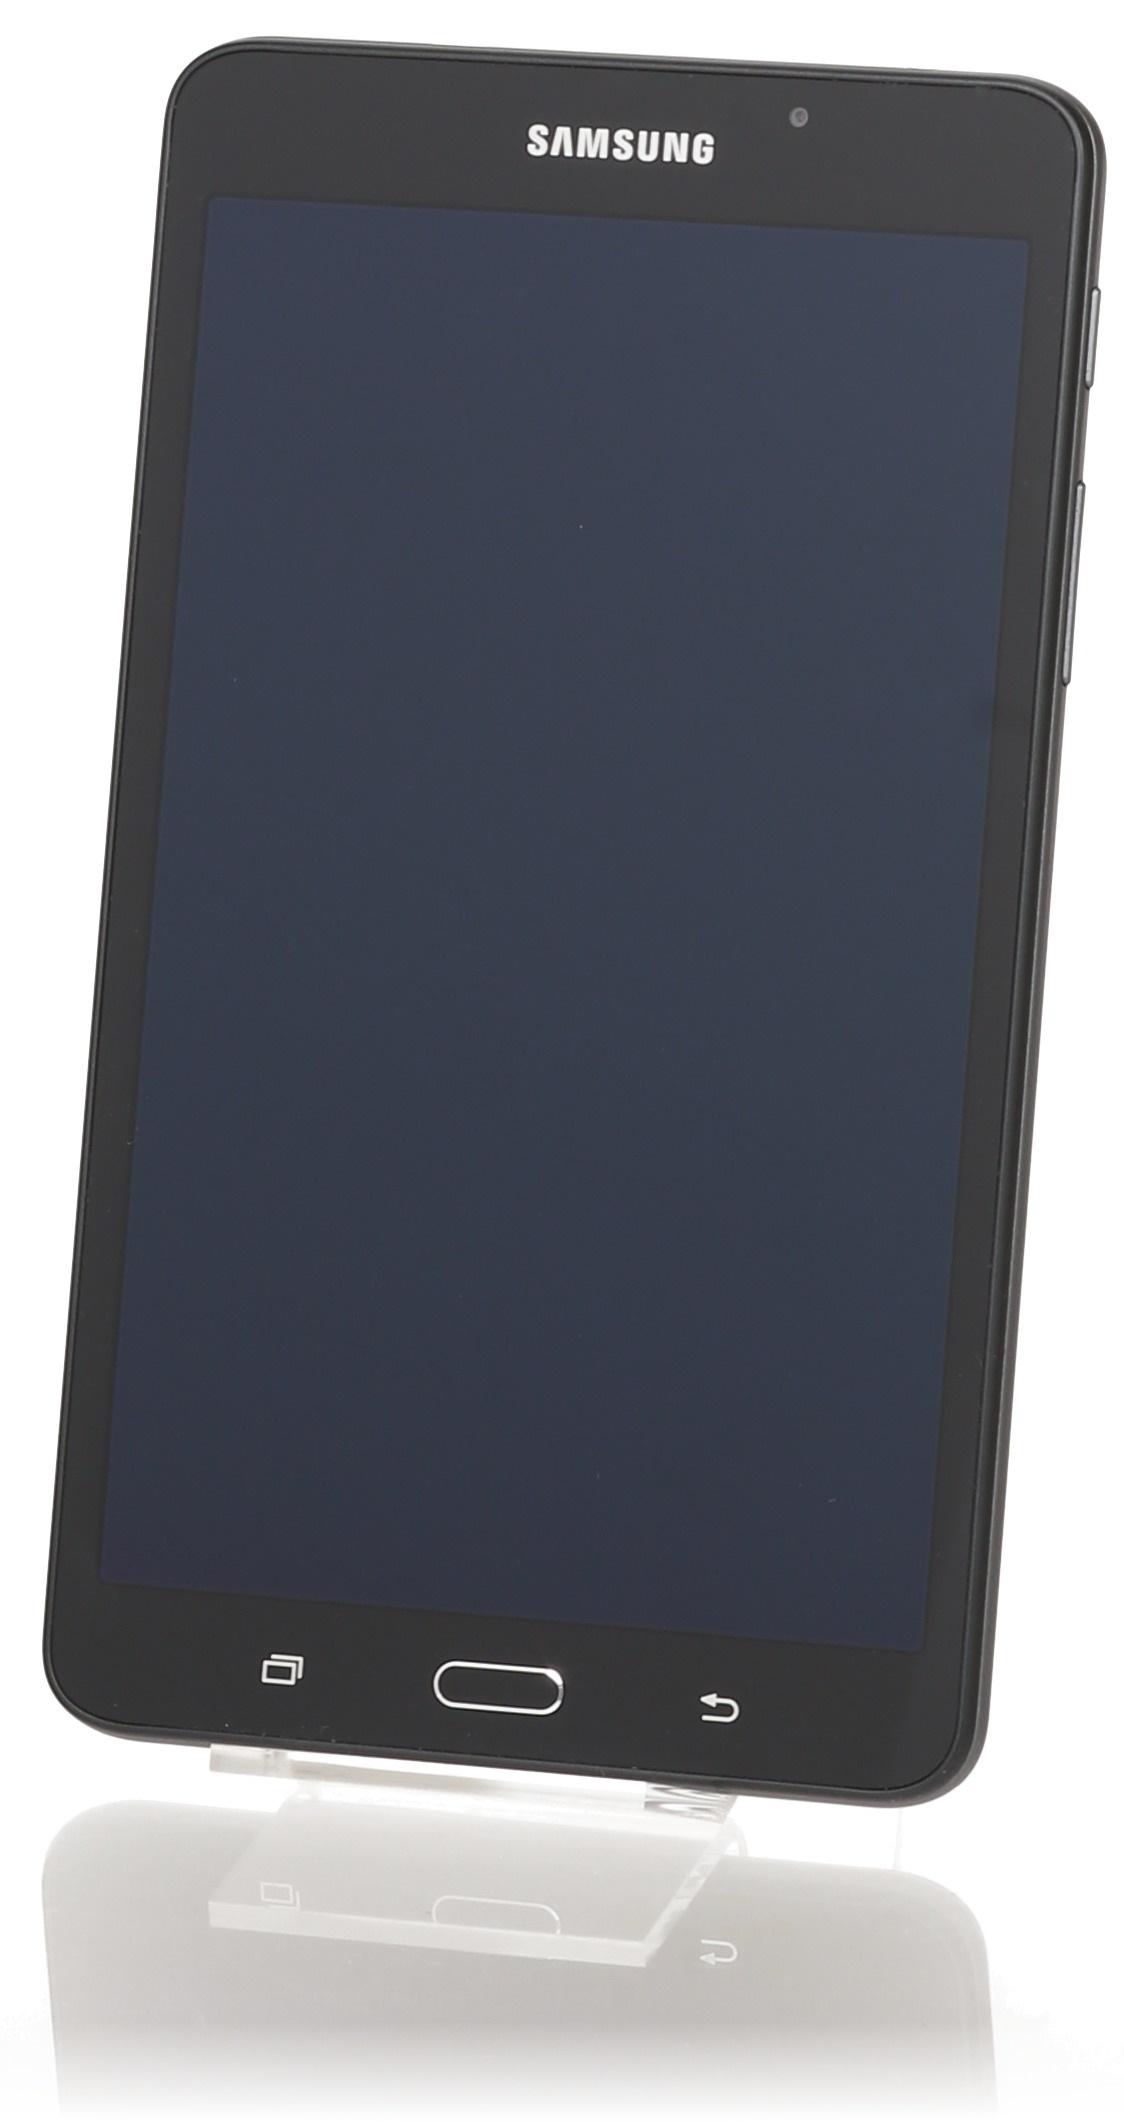 Samsung Galaxy Tab A 7.0 7 8GB [Wi-Fi] schwarz